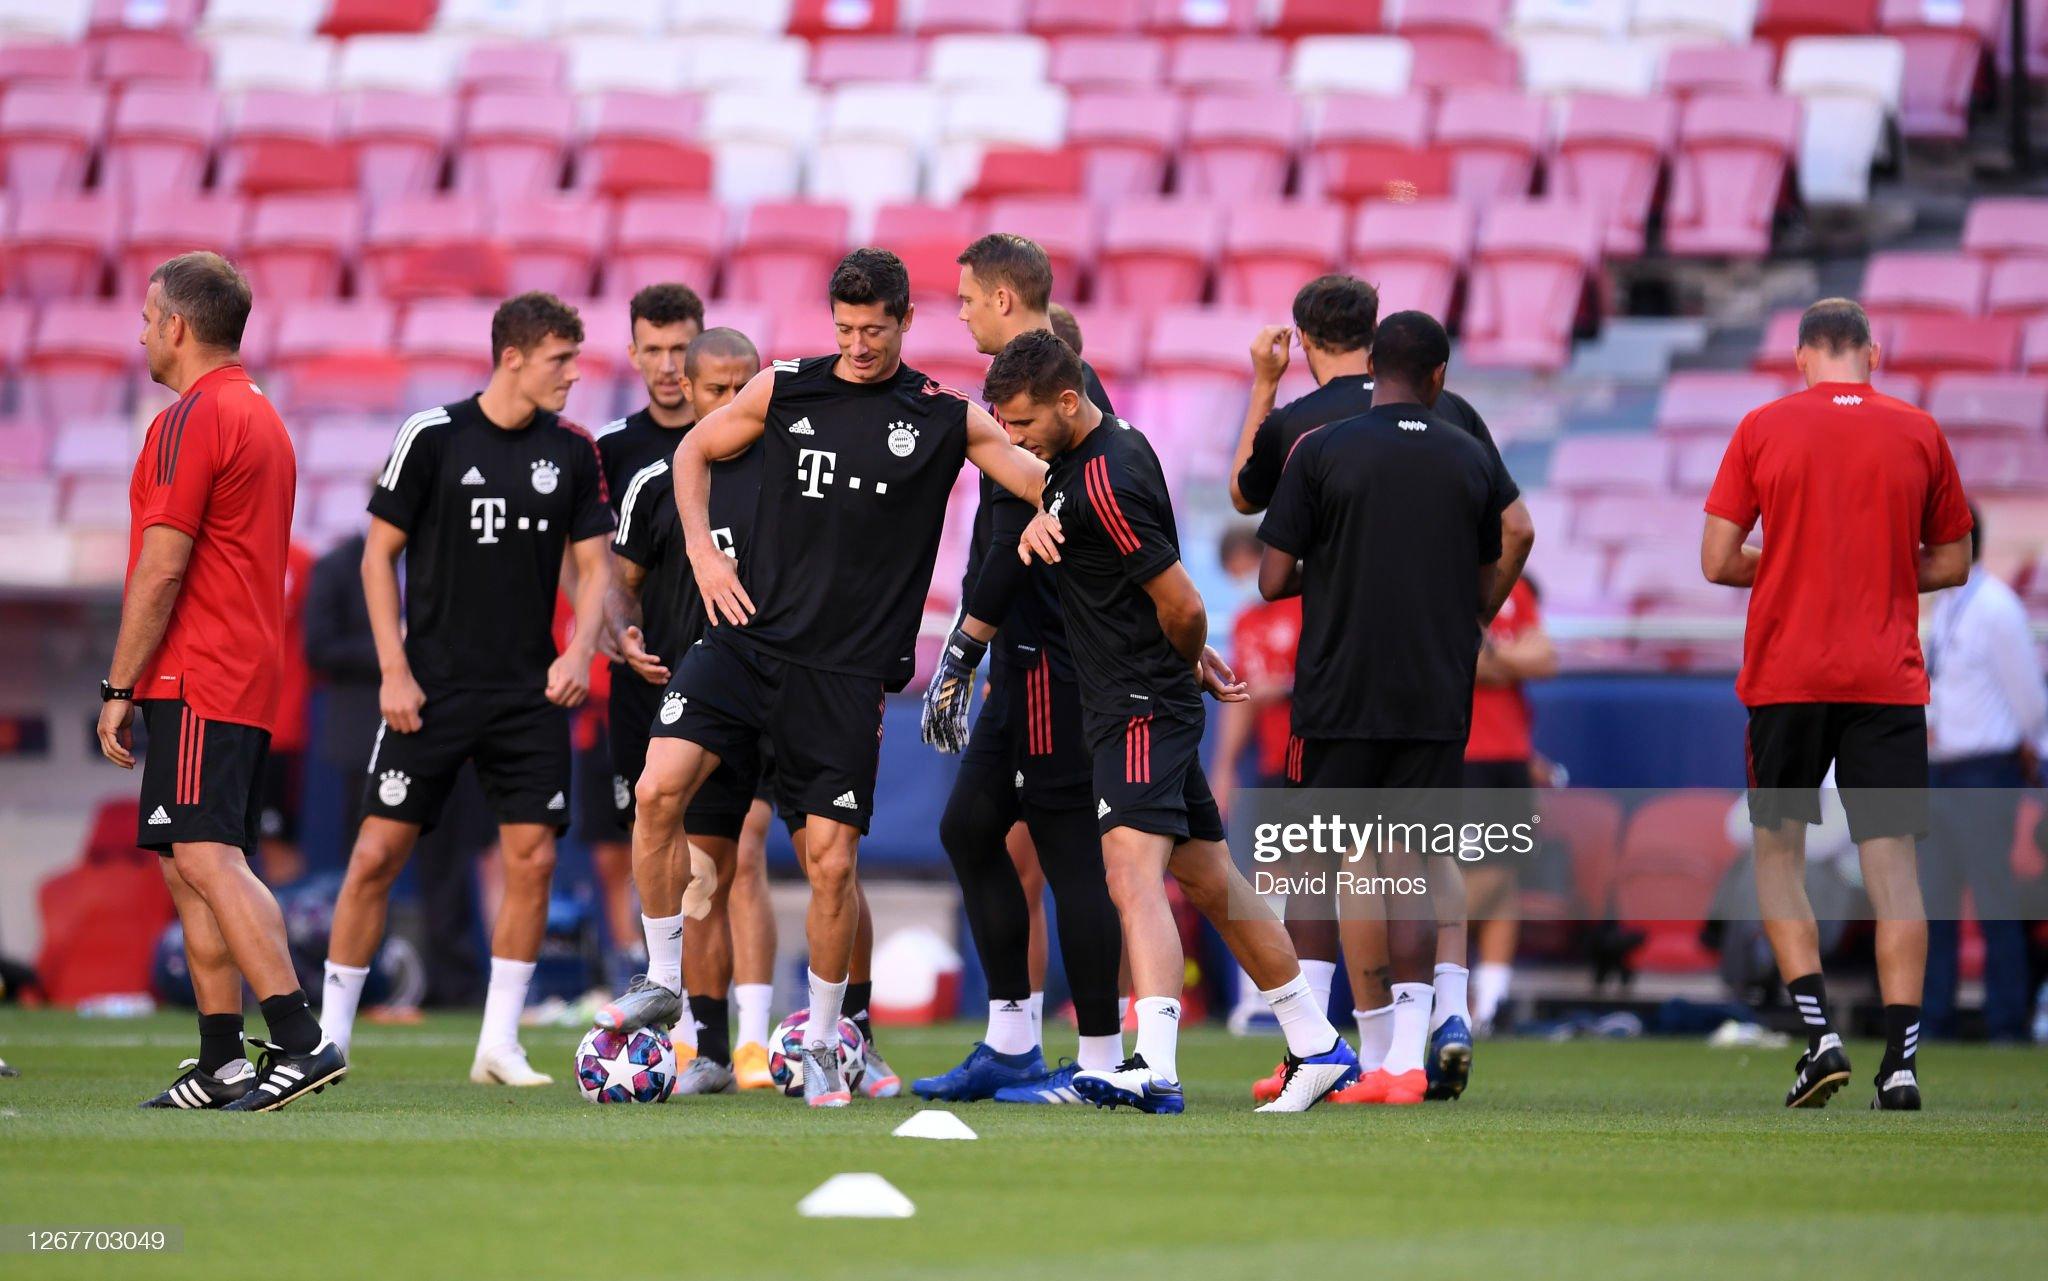 Bayern Munich Training Session - UEFA Champions League : News Photo